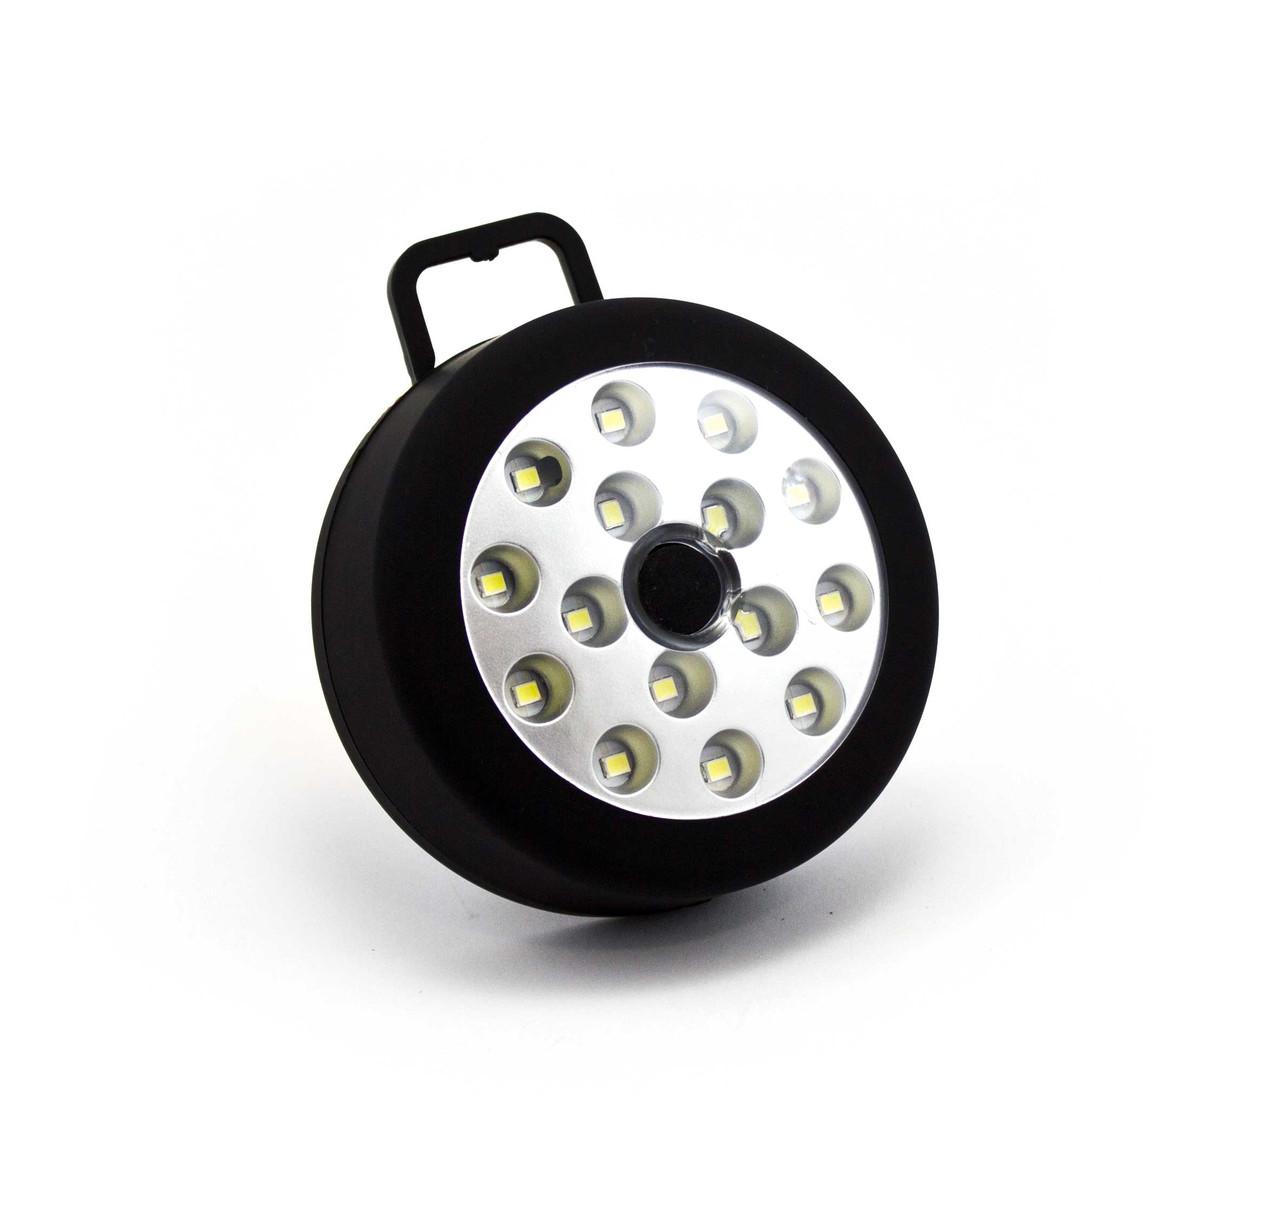 Светодиодный фонарь  на магните 15 SMD ТХ-015 Черный